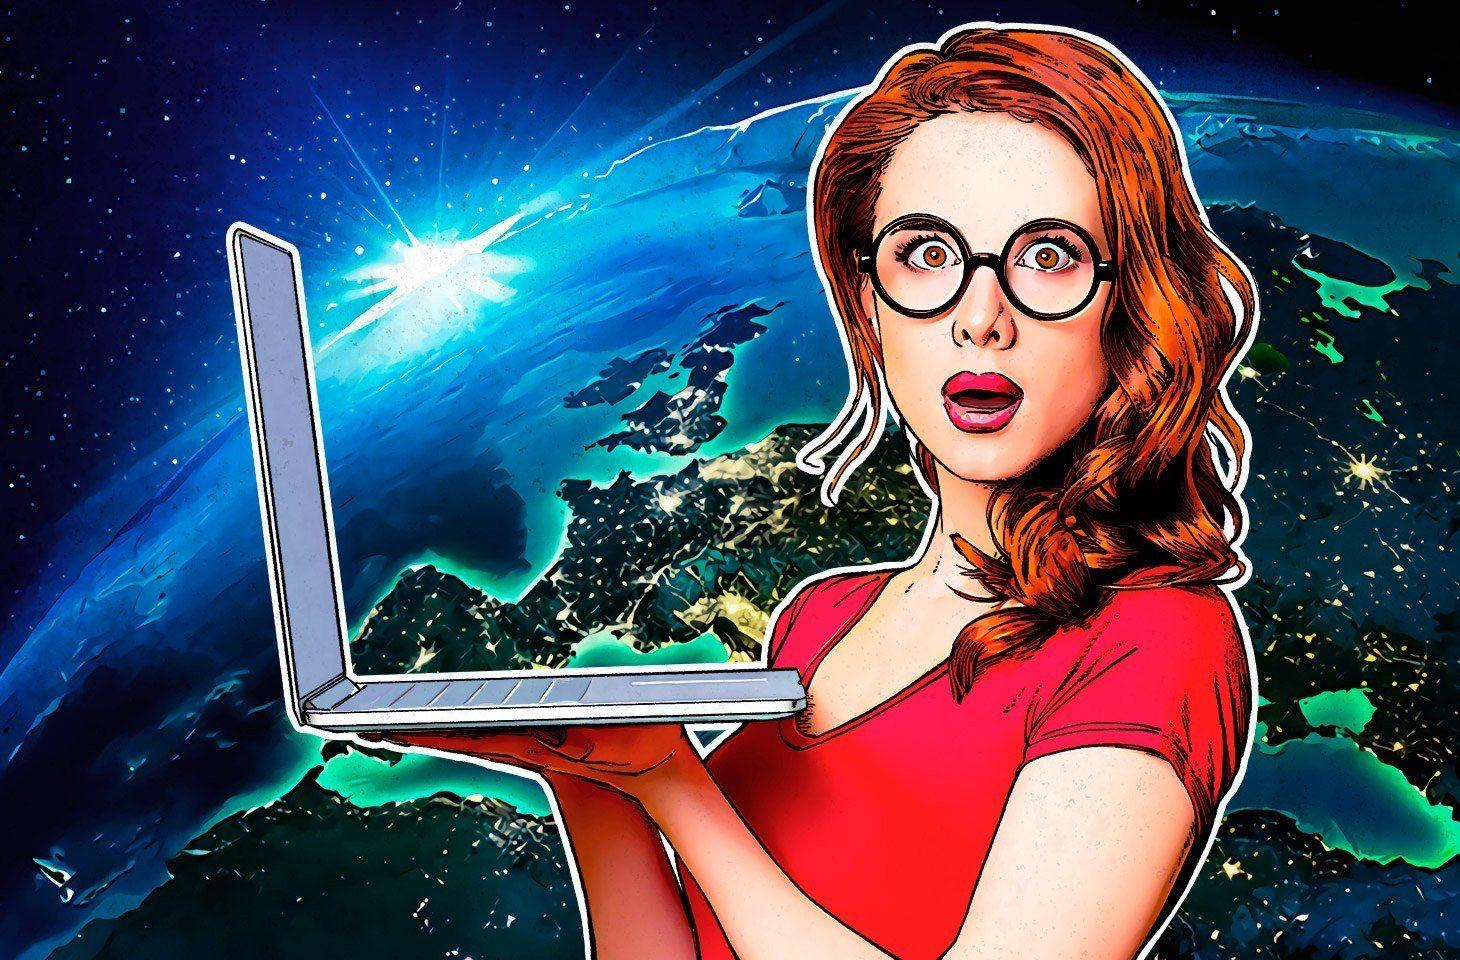 kaspersky les chiffres de la cybersecurite par pays - Kaspersky: Les chiffres de la cybersécurité par pays